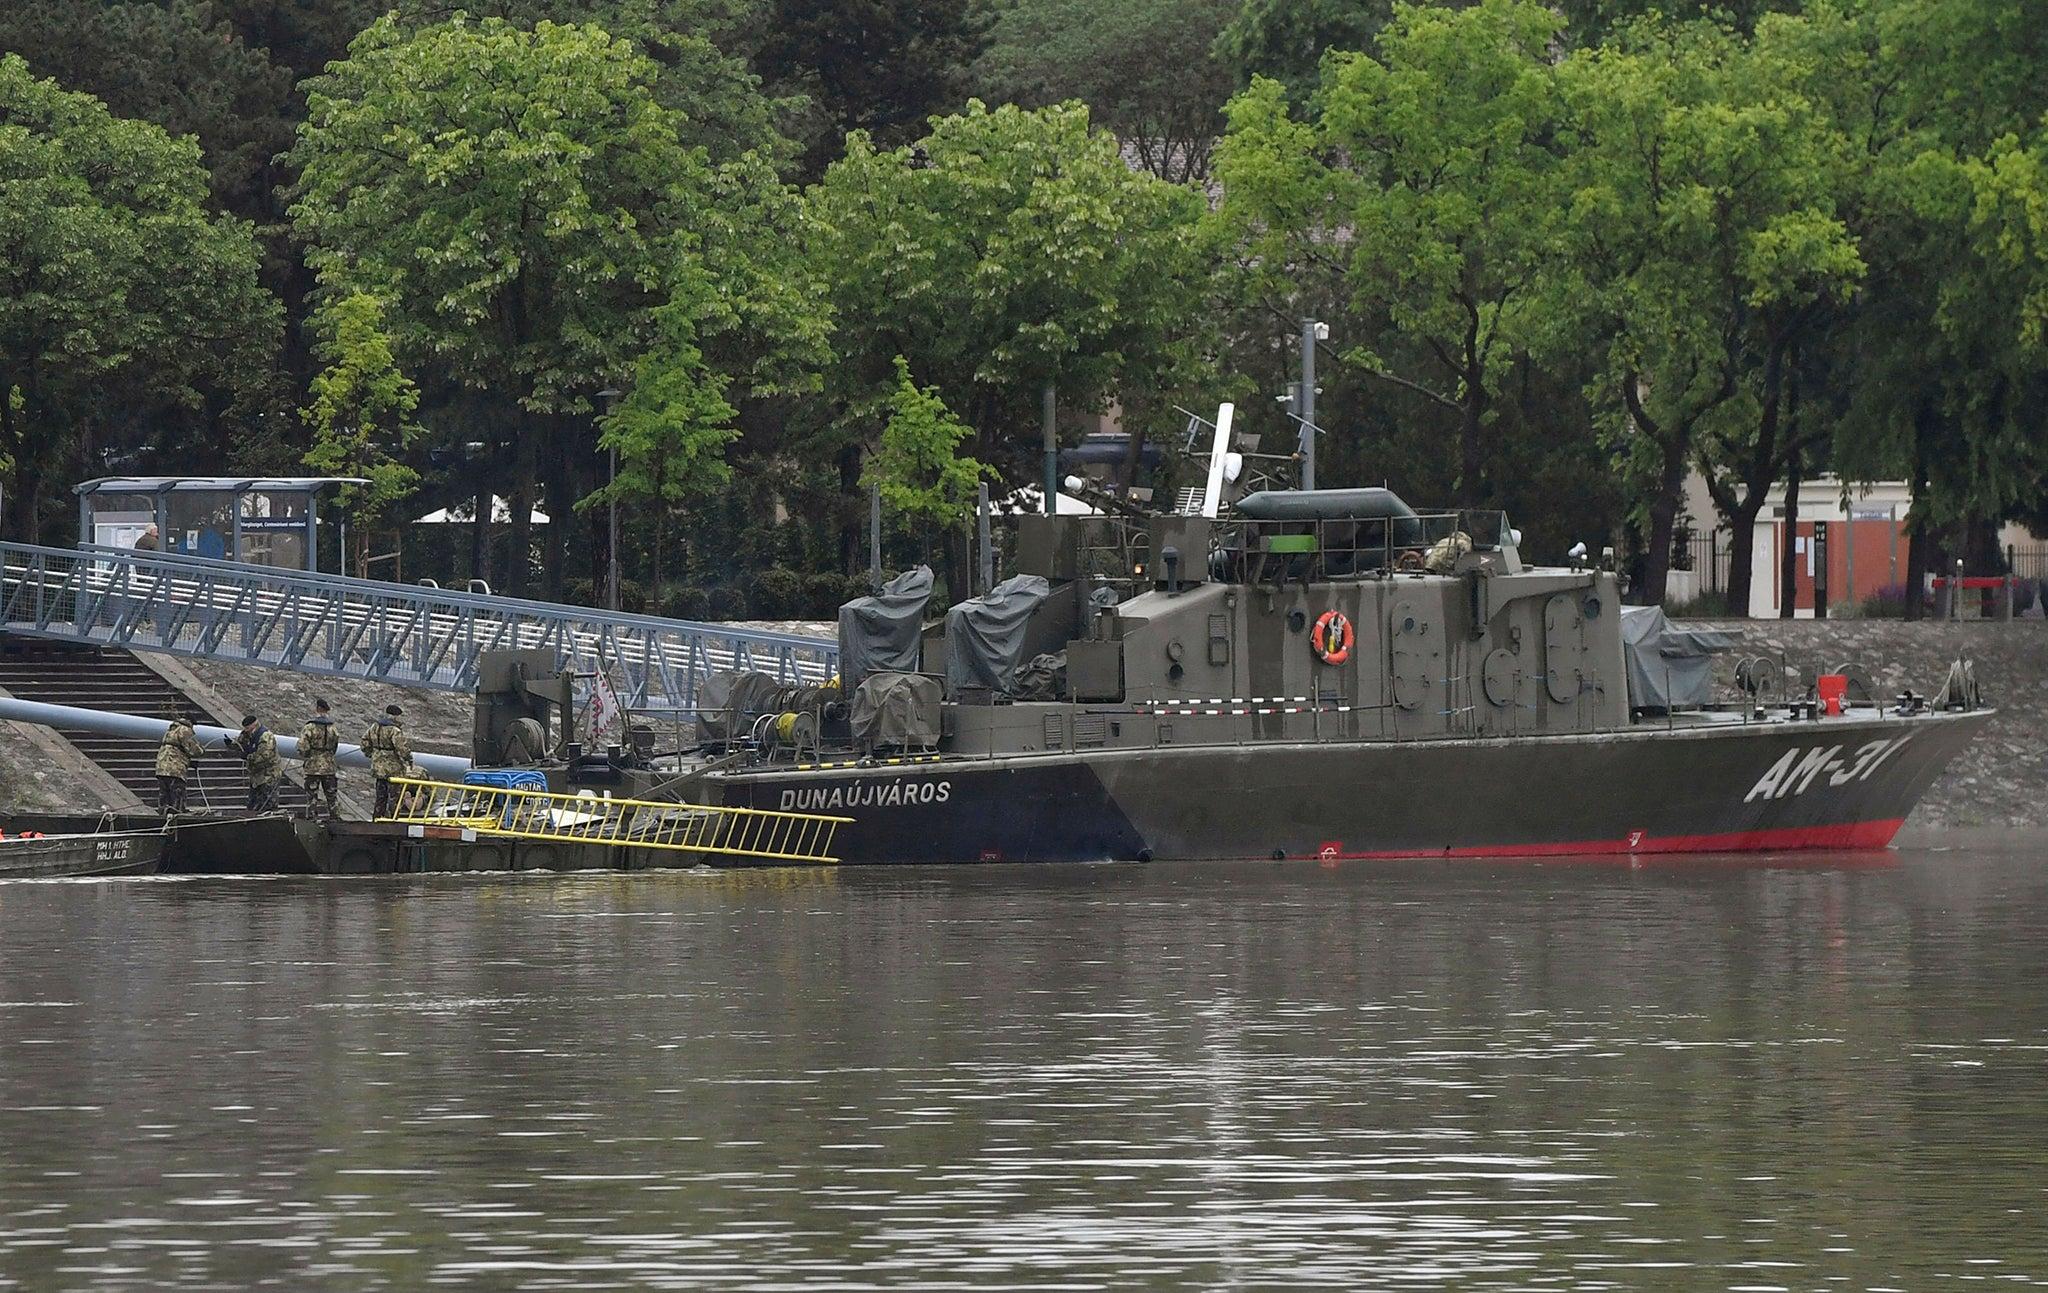 Budapest boat crash: Seven dead after tourist vessel